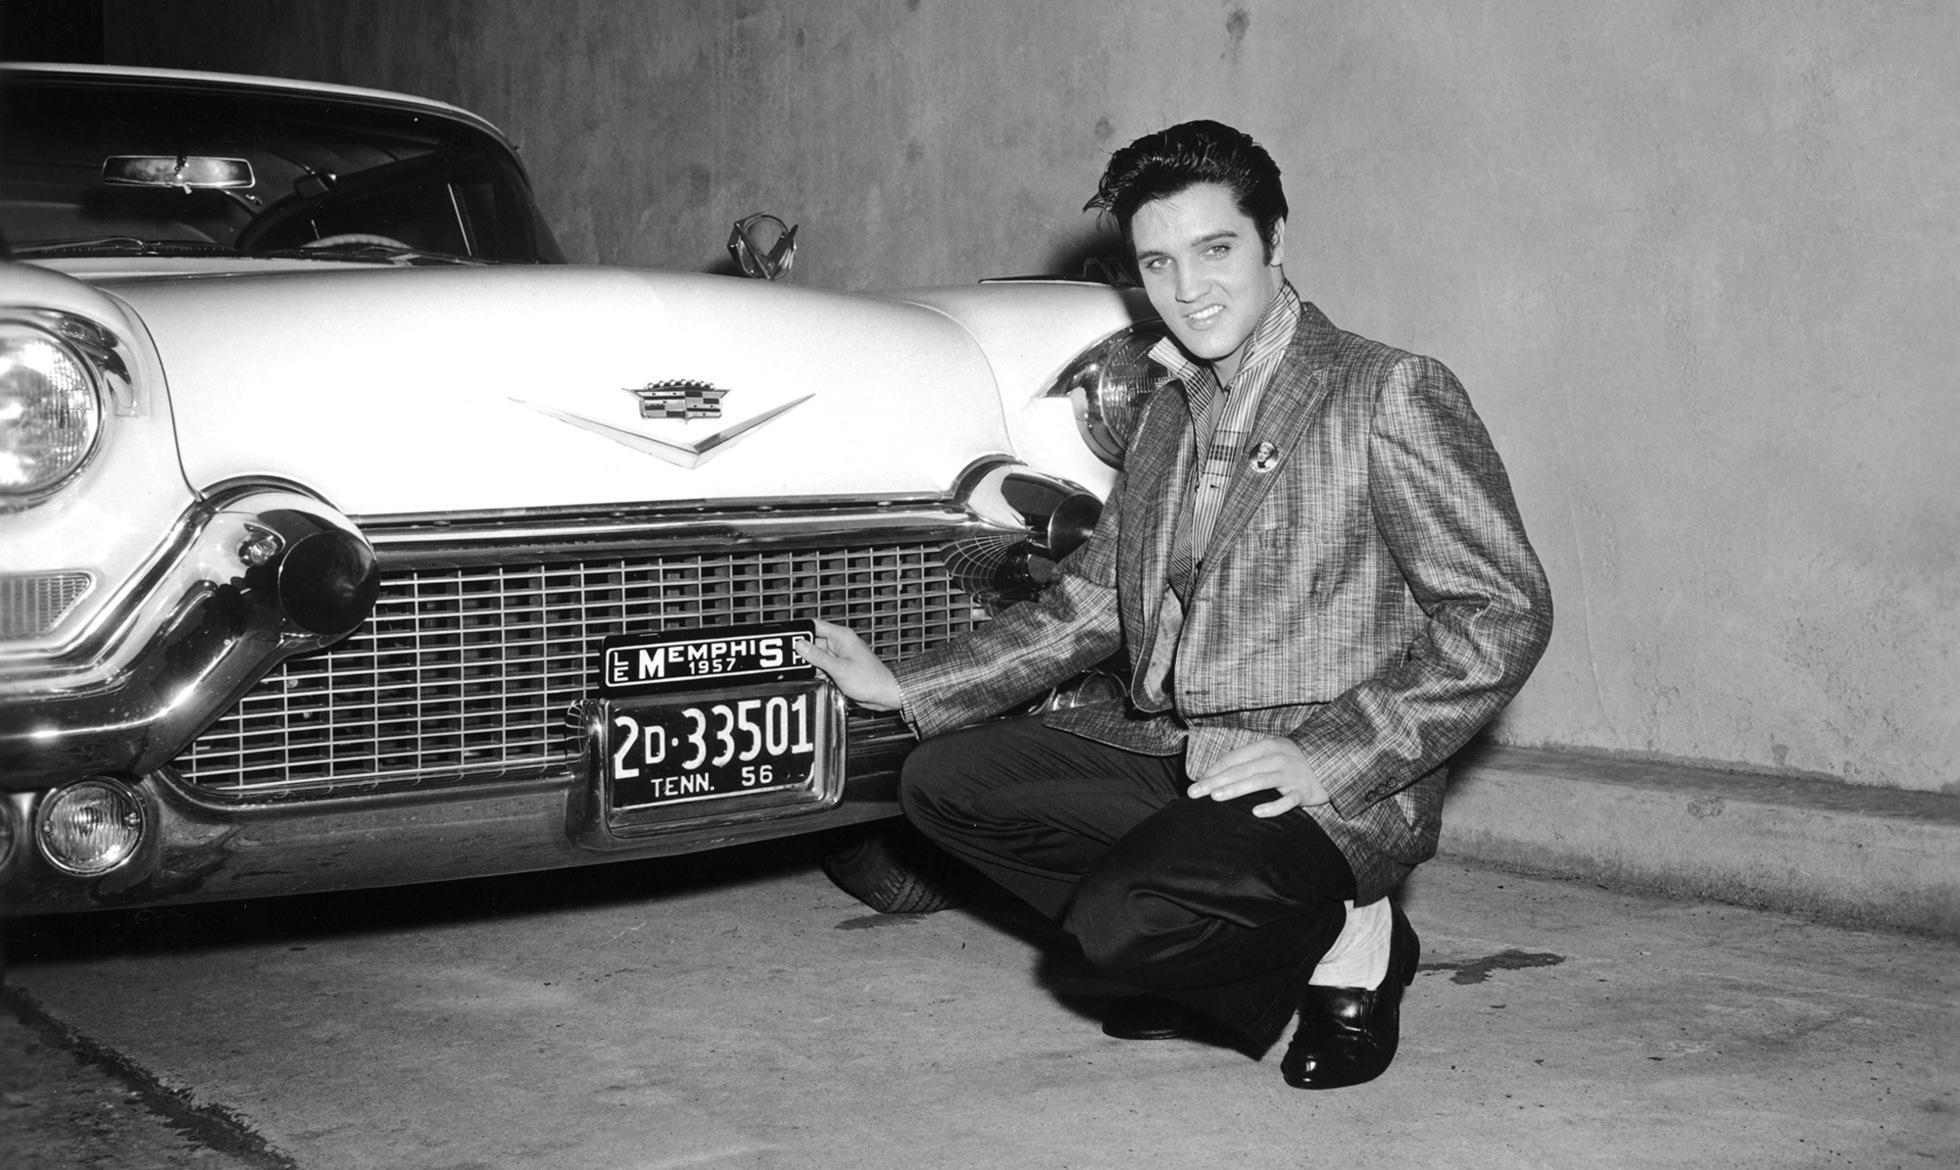 86 лет сегодня могло бы исполниться Элвису Пресли